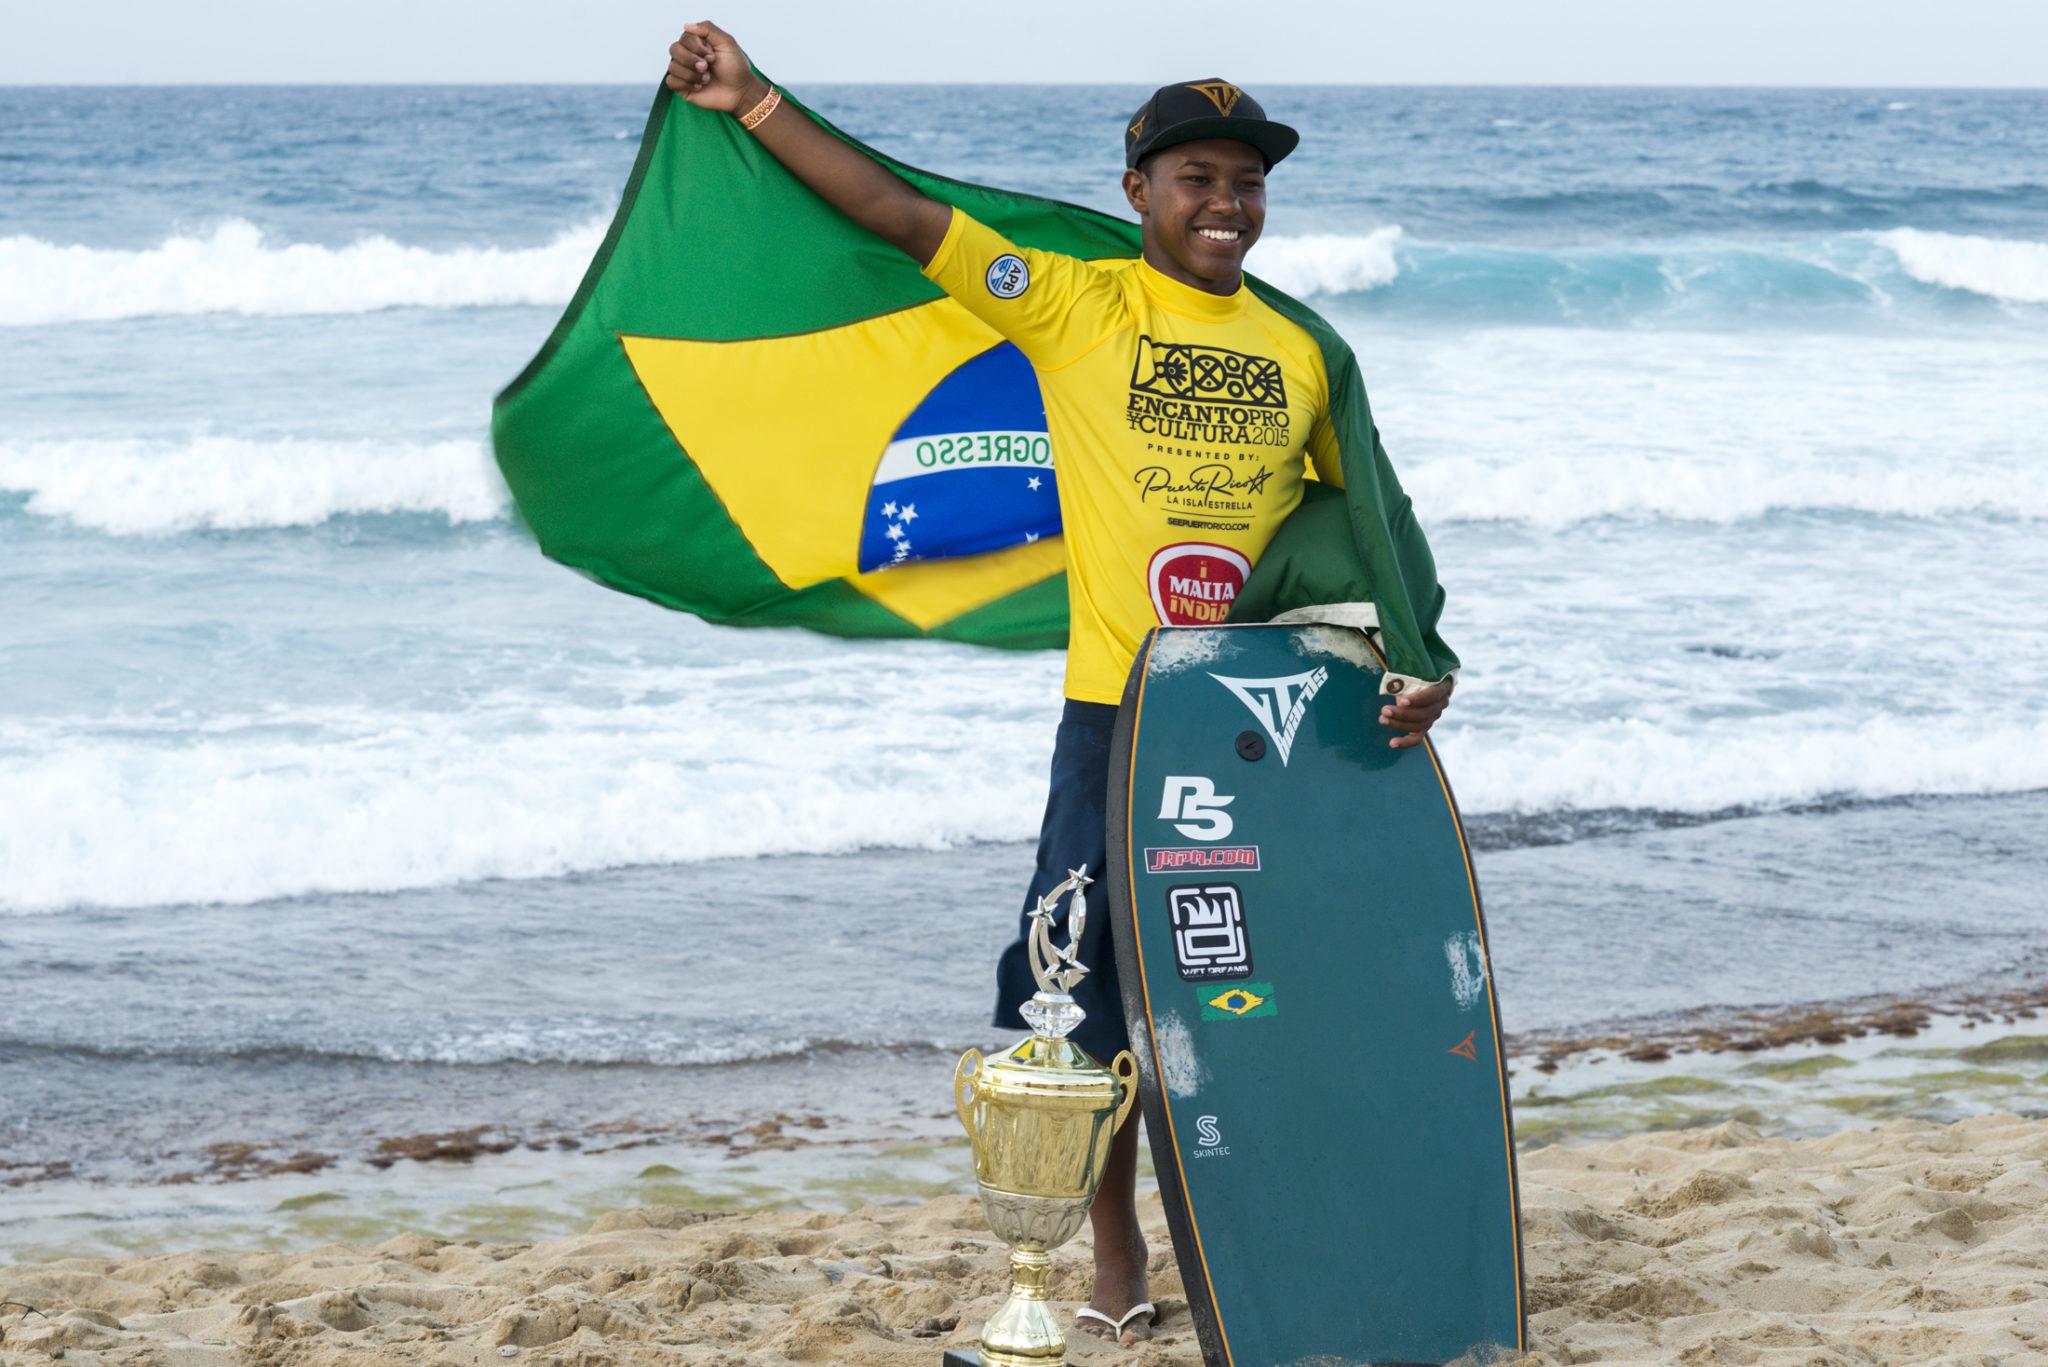 Atual campeão mundial, Sócrates Santana, destaques da etapa / Foto Alex Diaz/APB